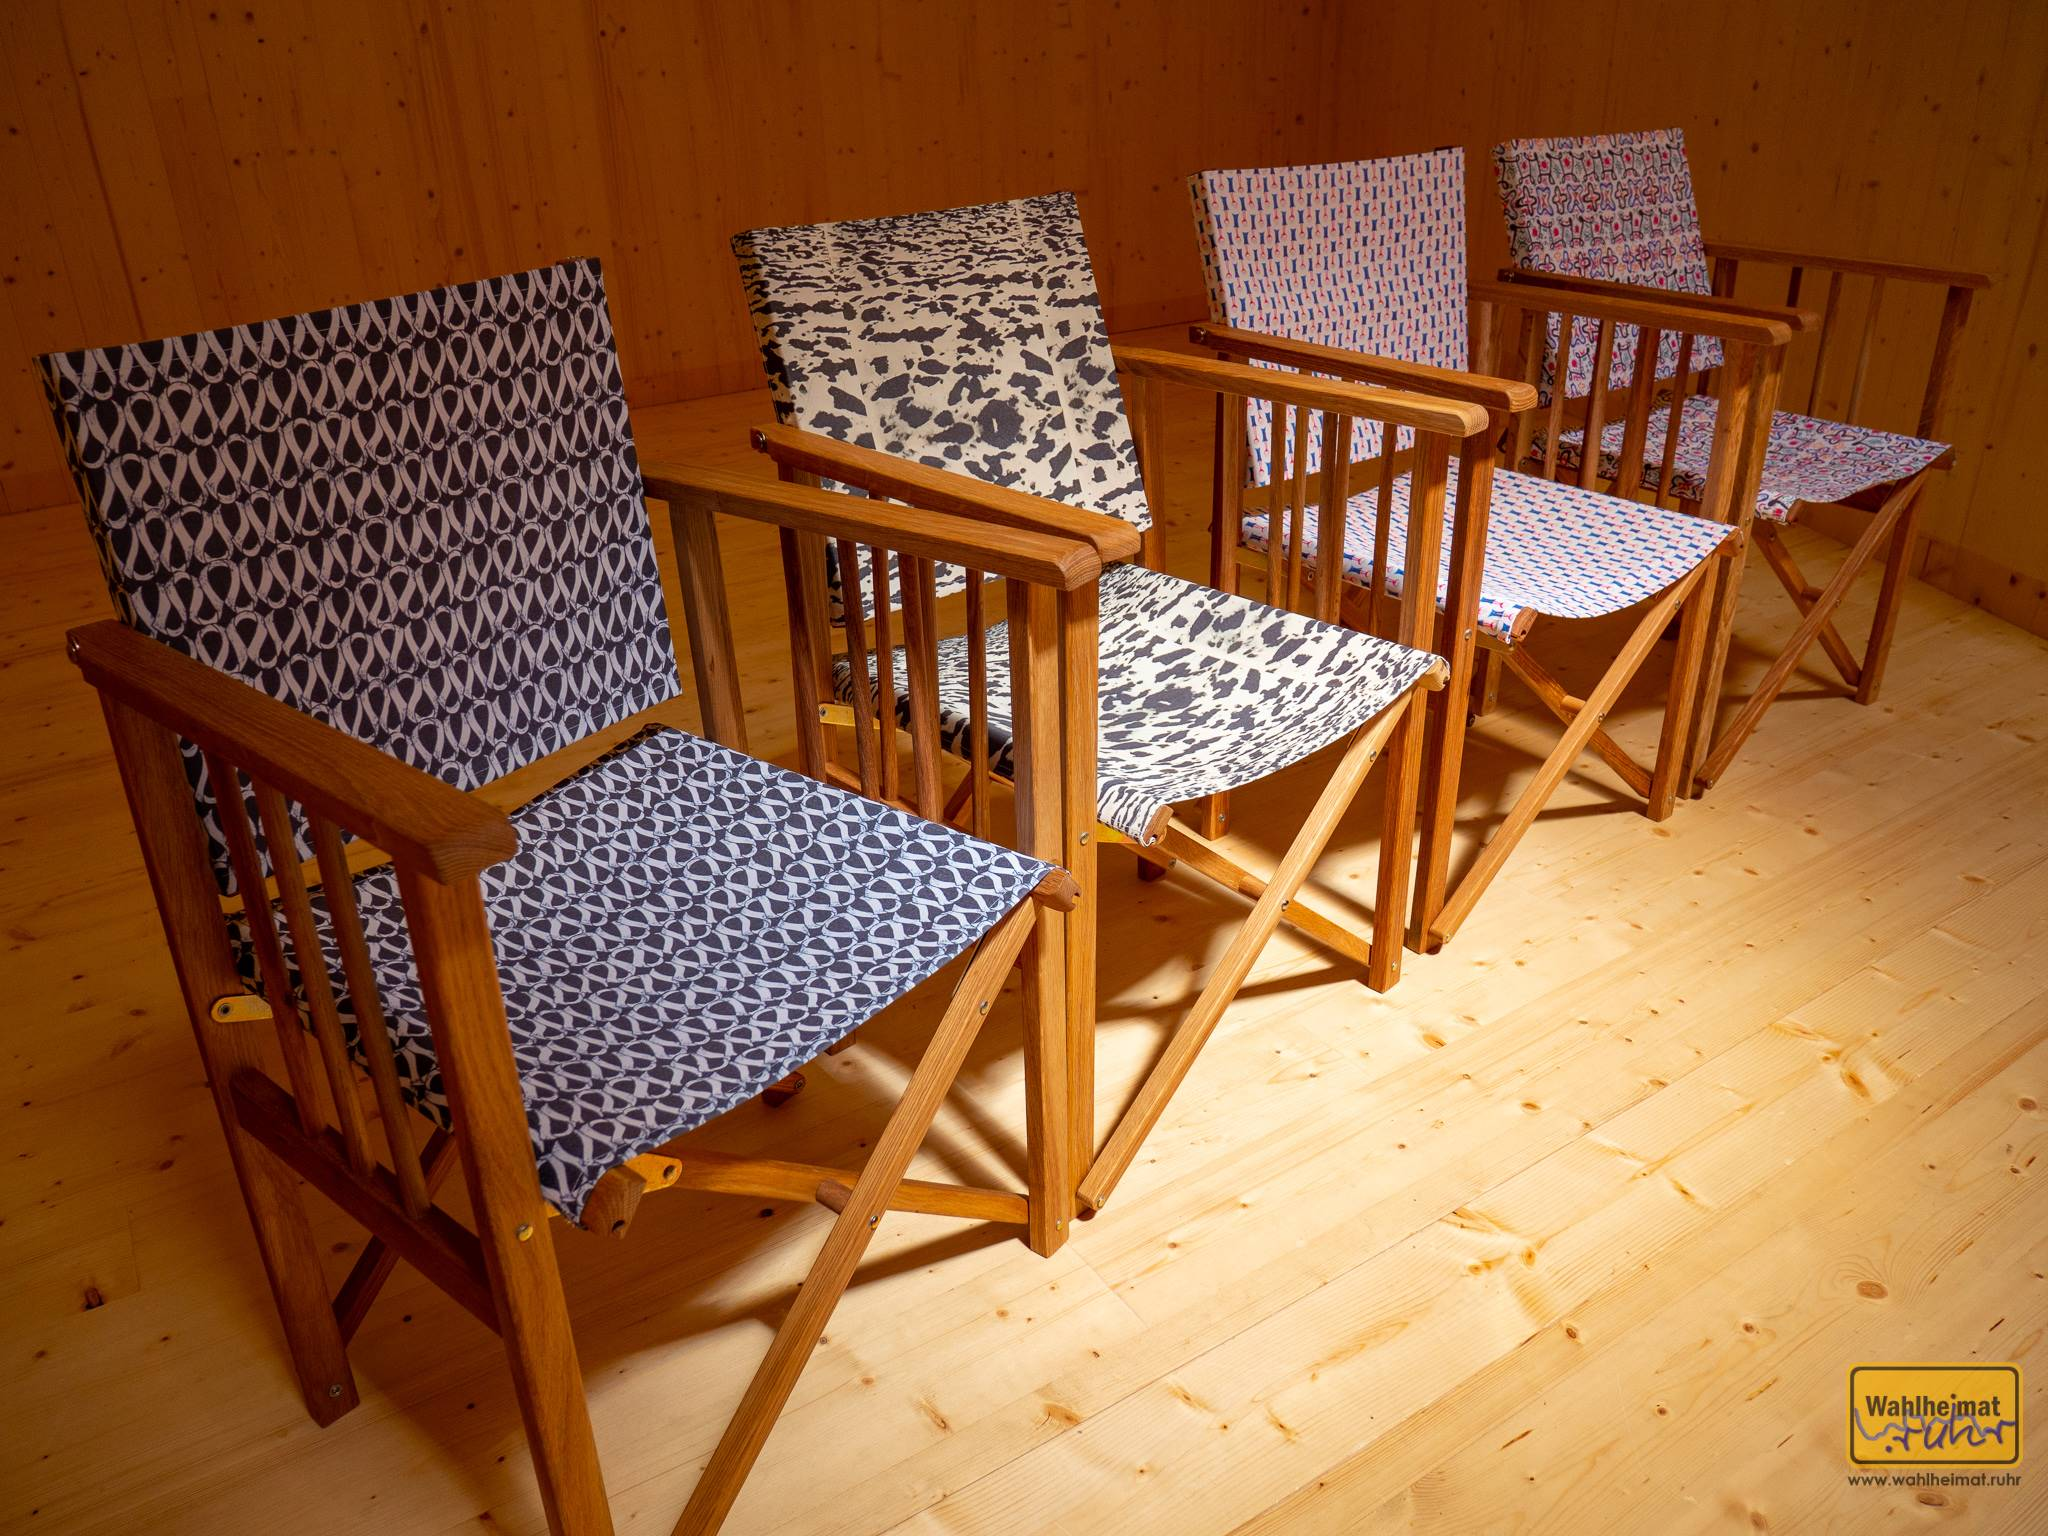 Die Stühle im Schütte-Pavillon wurden mit Stoff bespannt, der Original-Bauhaus-Designs entspricht.